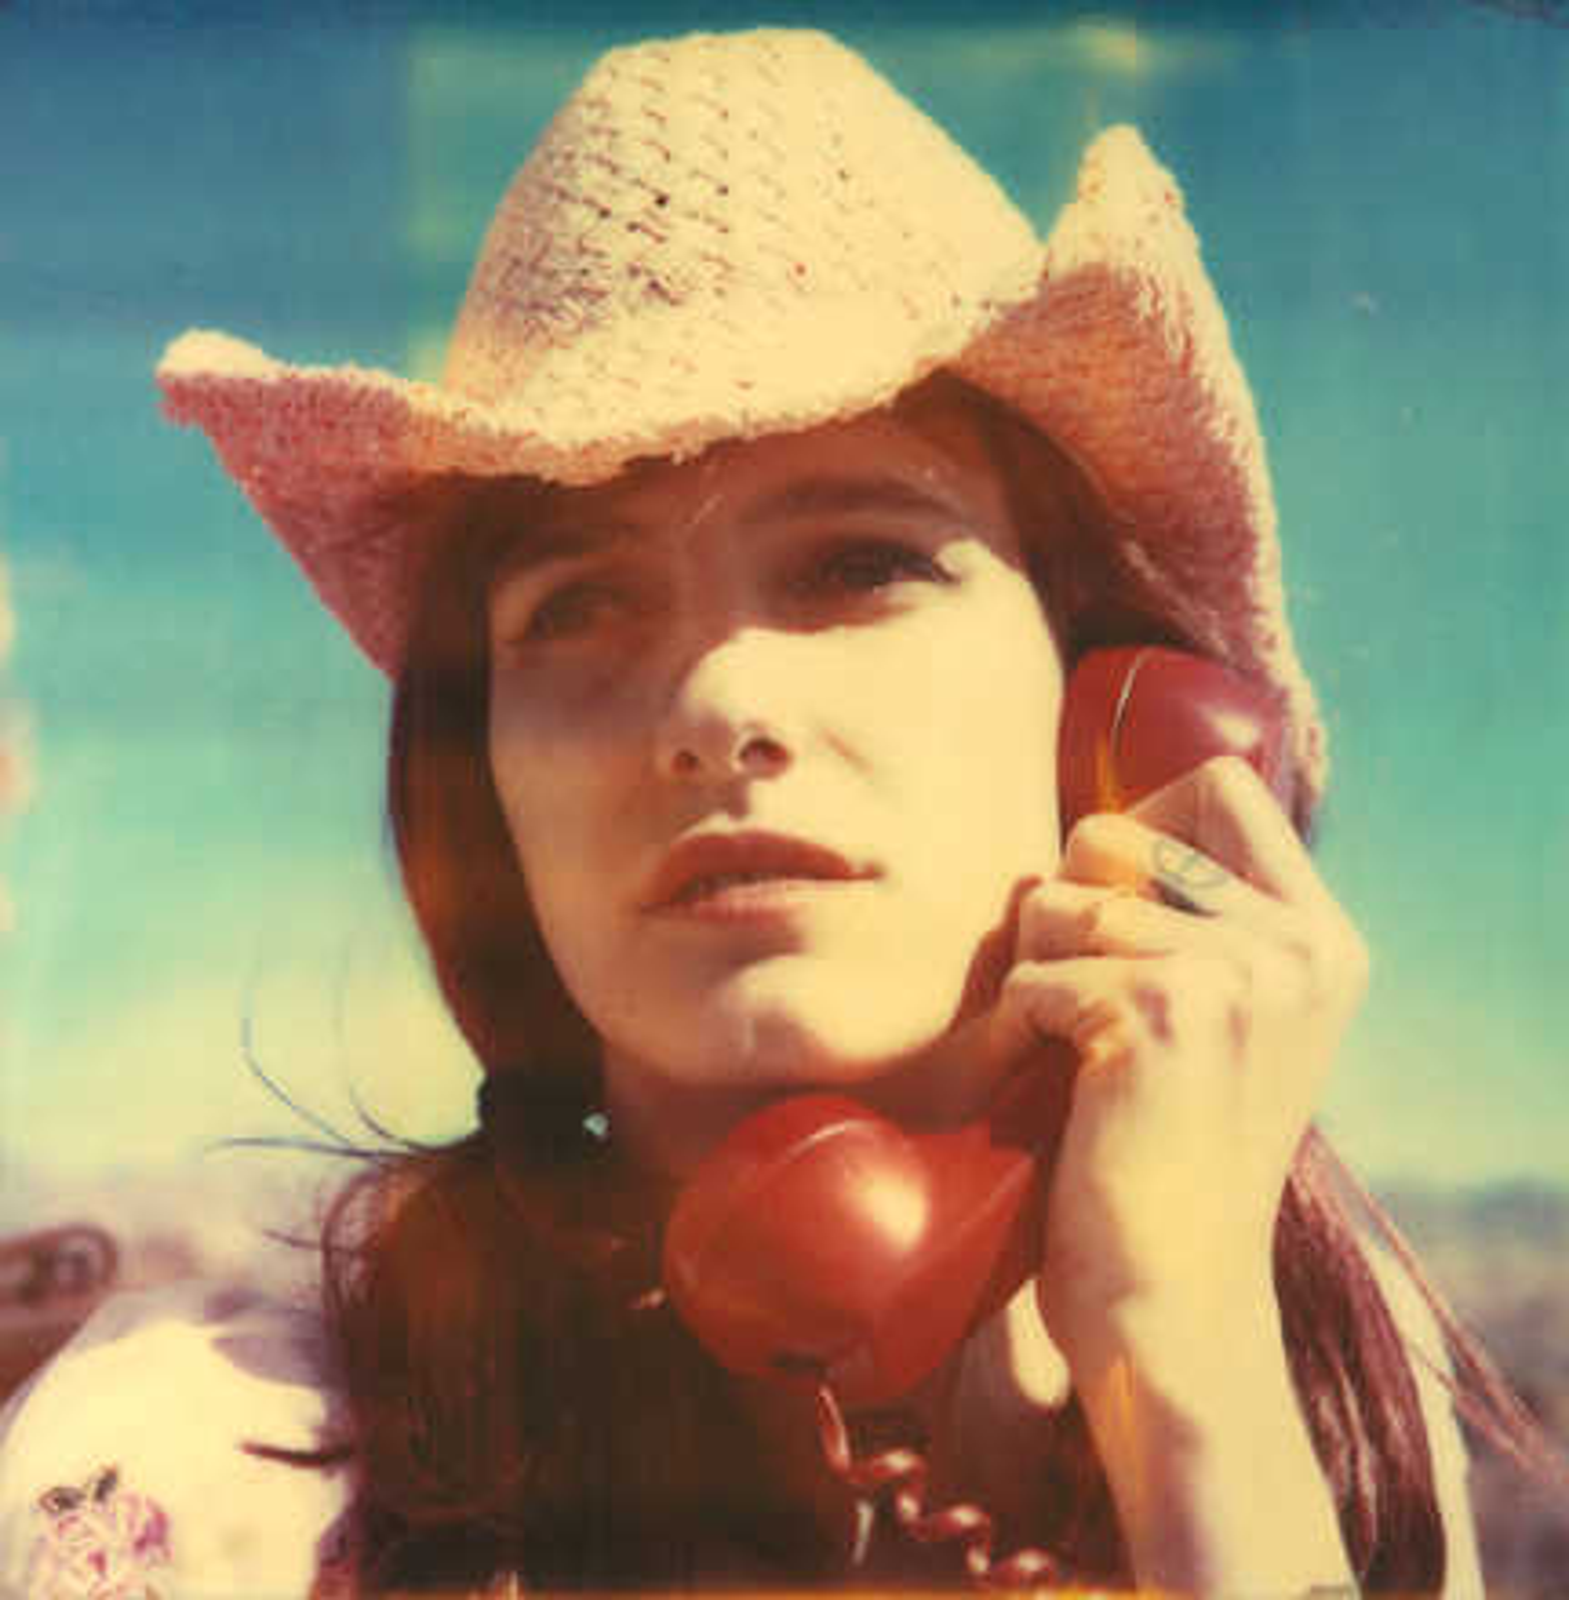 Her last call - Stefanie Schneider